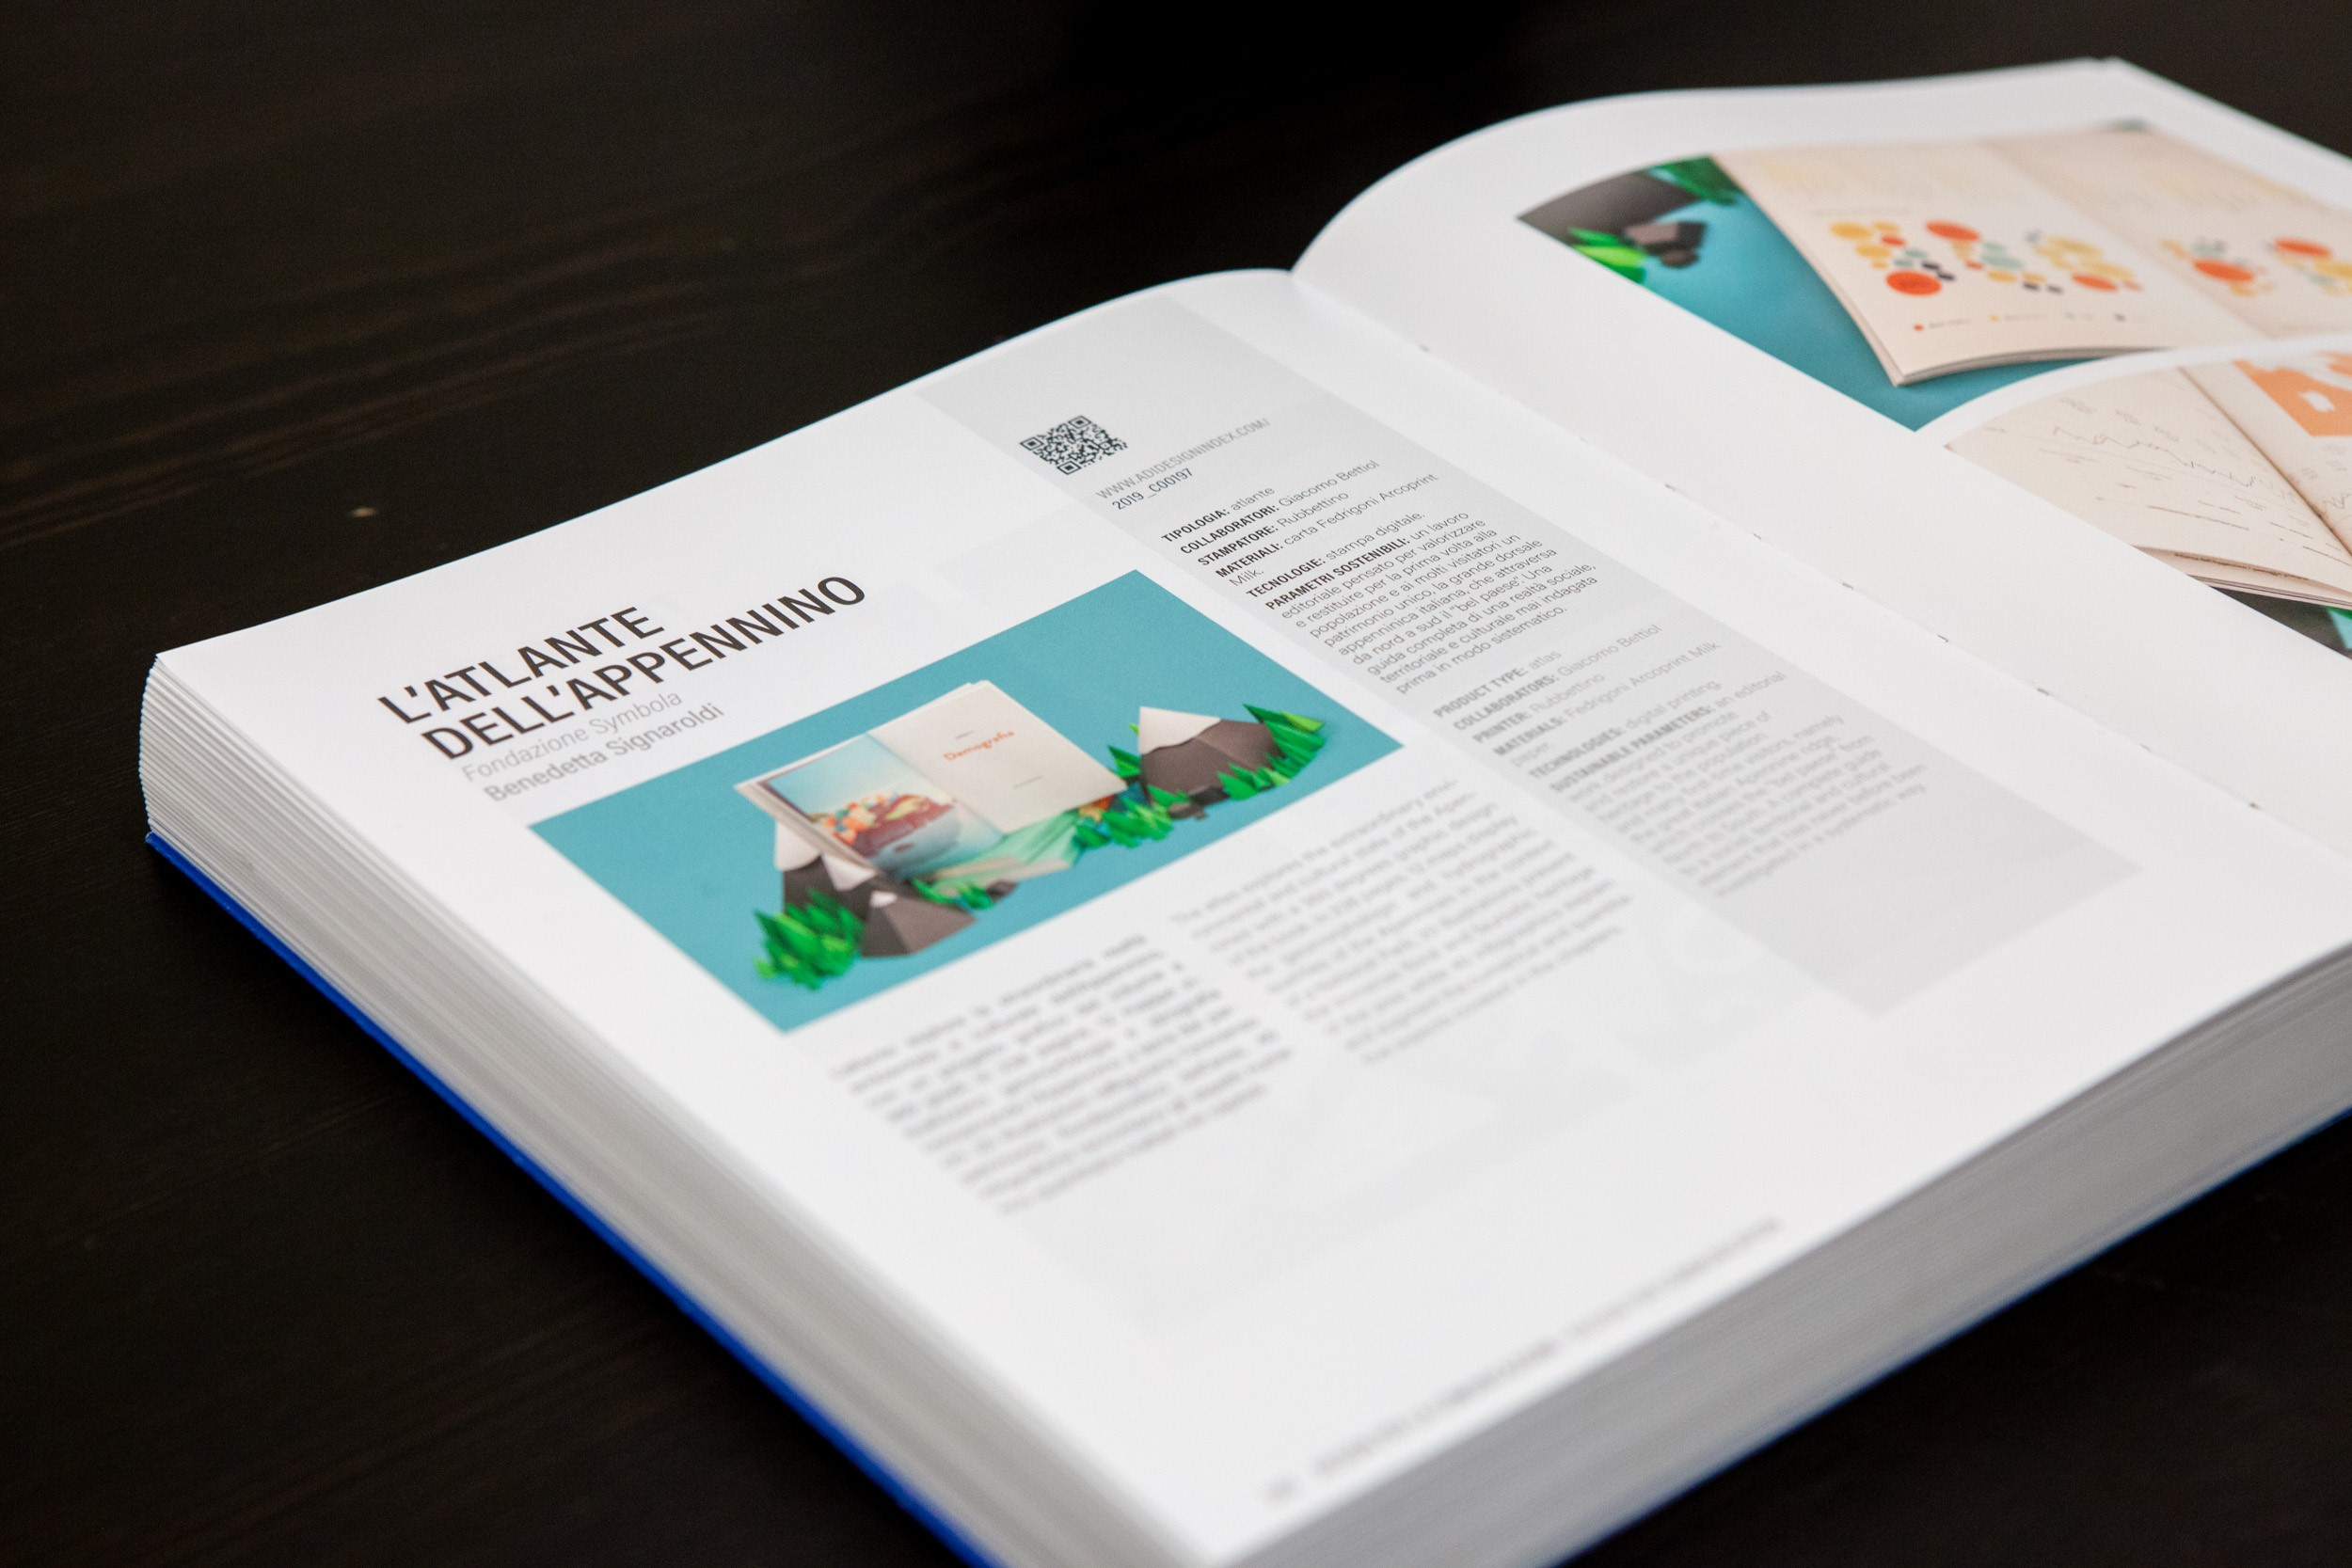 L'Atlante dell'Appennino nell'ADI Design Index